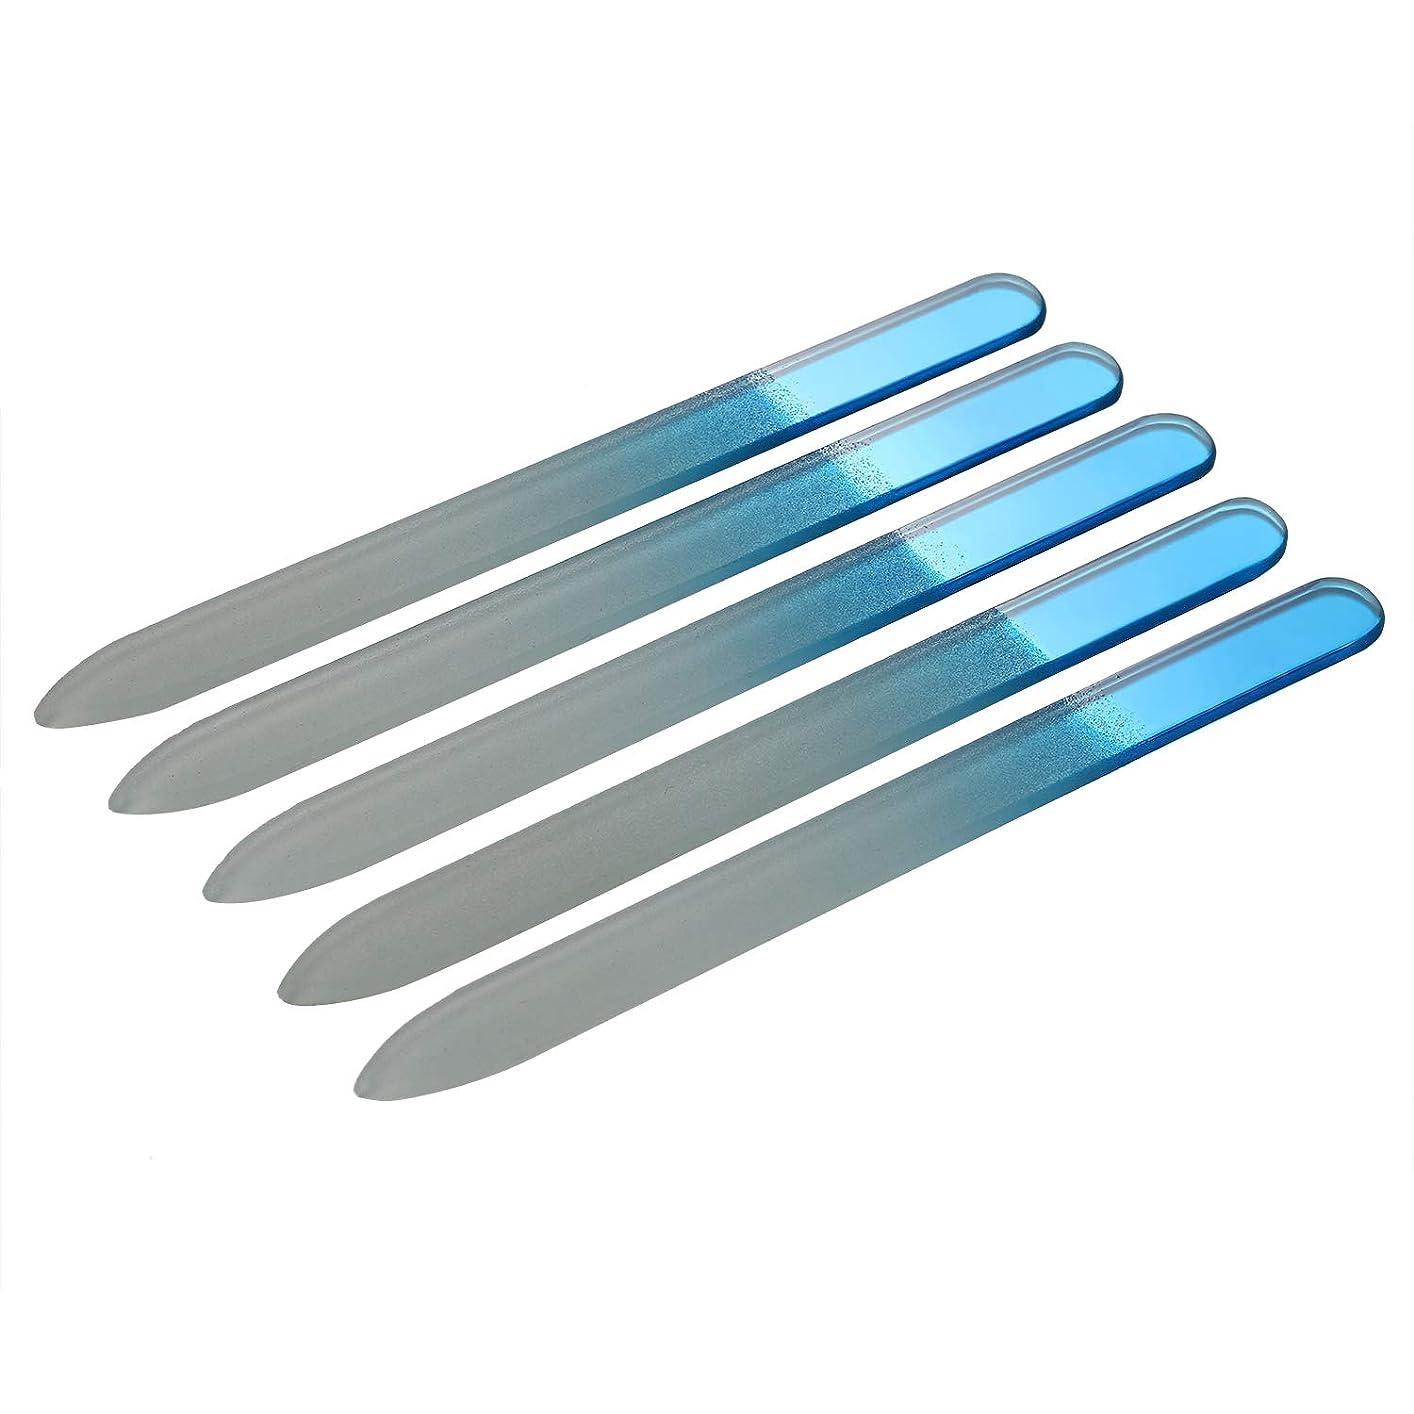 グラフィック販売員等JewelryWe 爪やすり 爪磨き ネイルヤスリ ガラス製 両面タイプ 5本セット ブルー